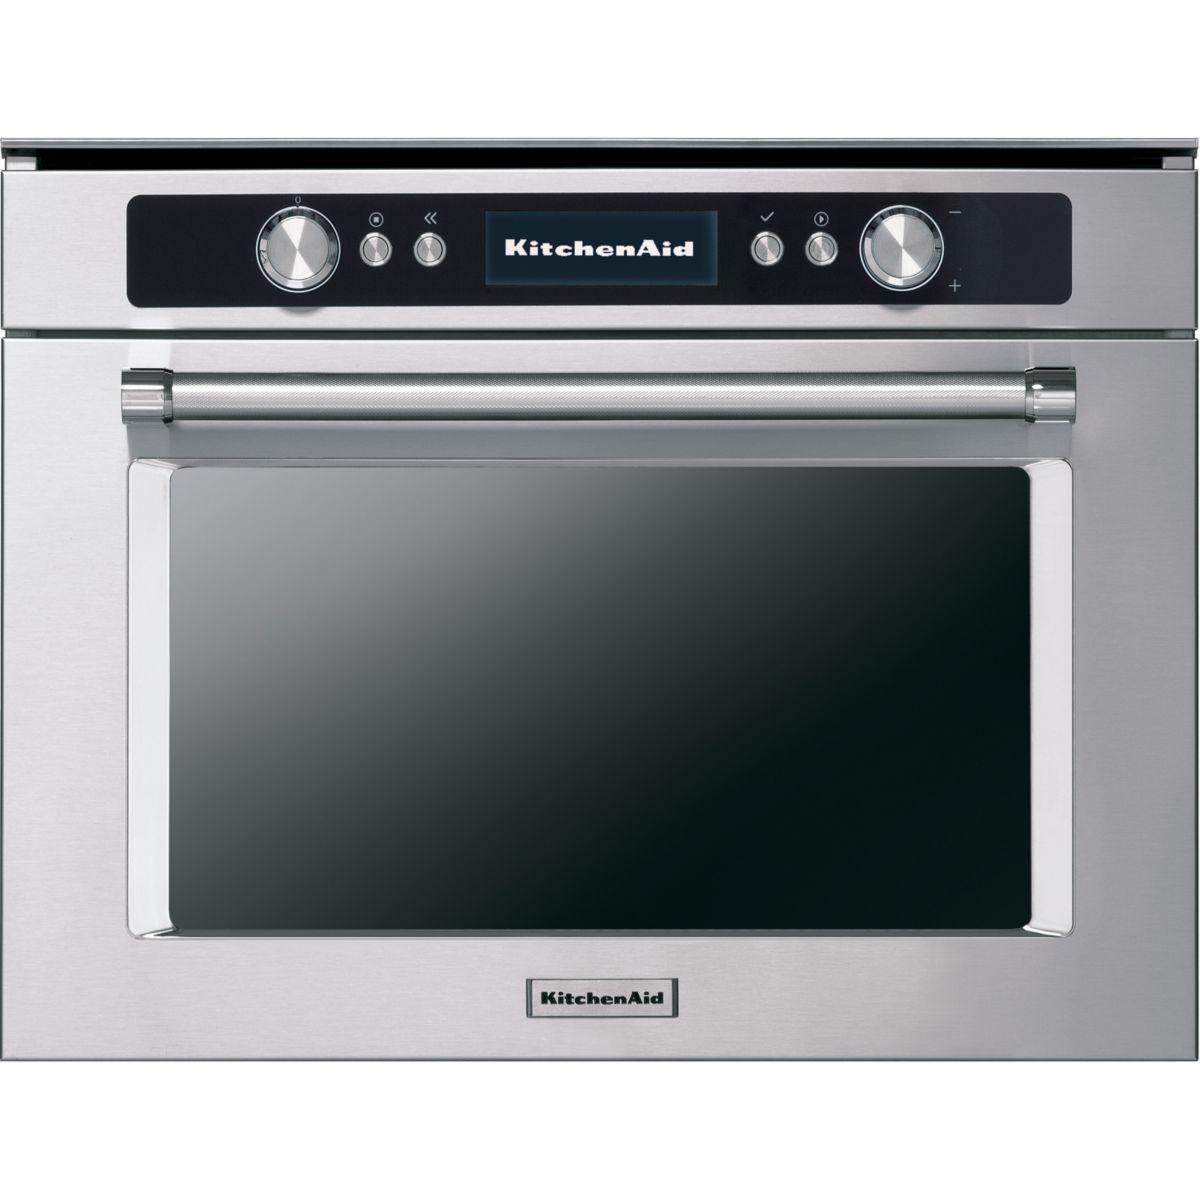 Micro ondes combin� kitchenaid kmqcx38600 - livraison offerte : code livprem (photo)